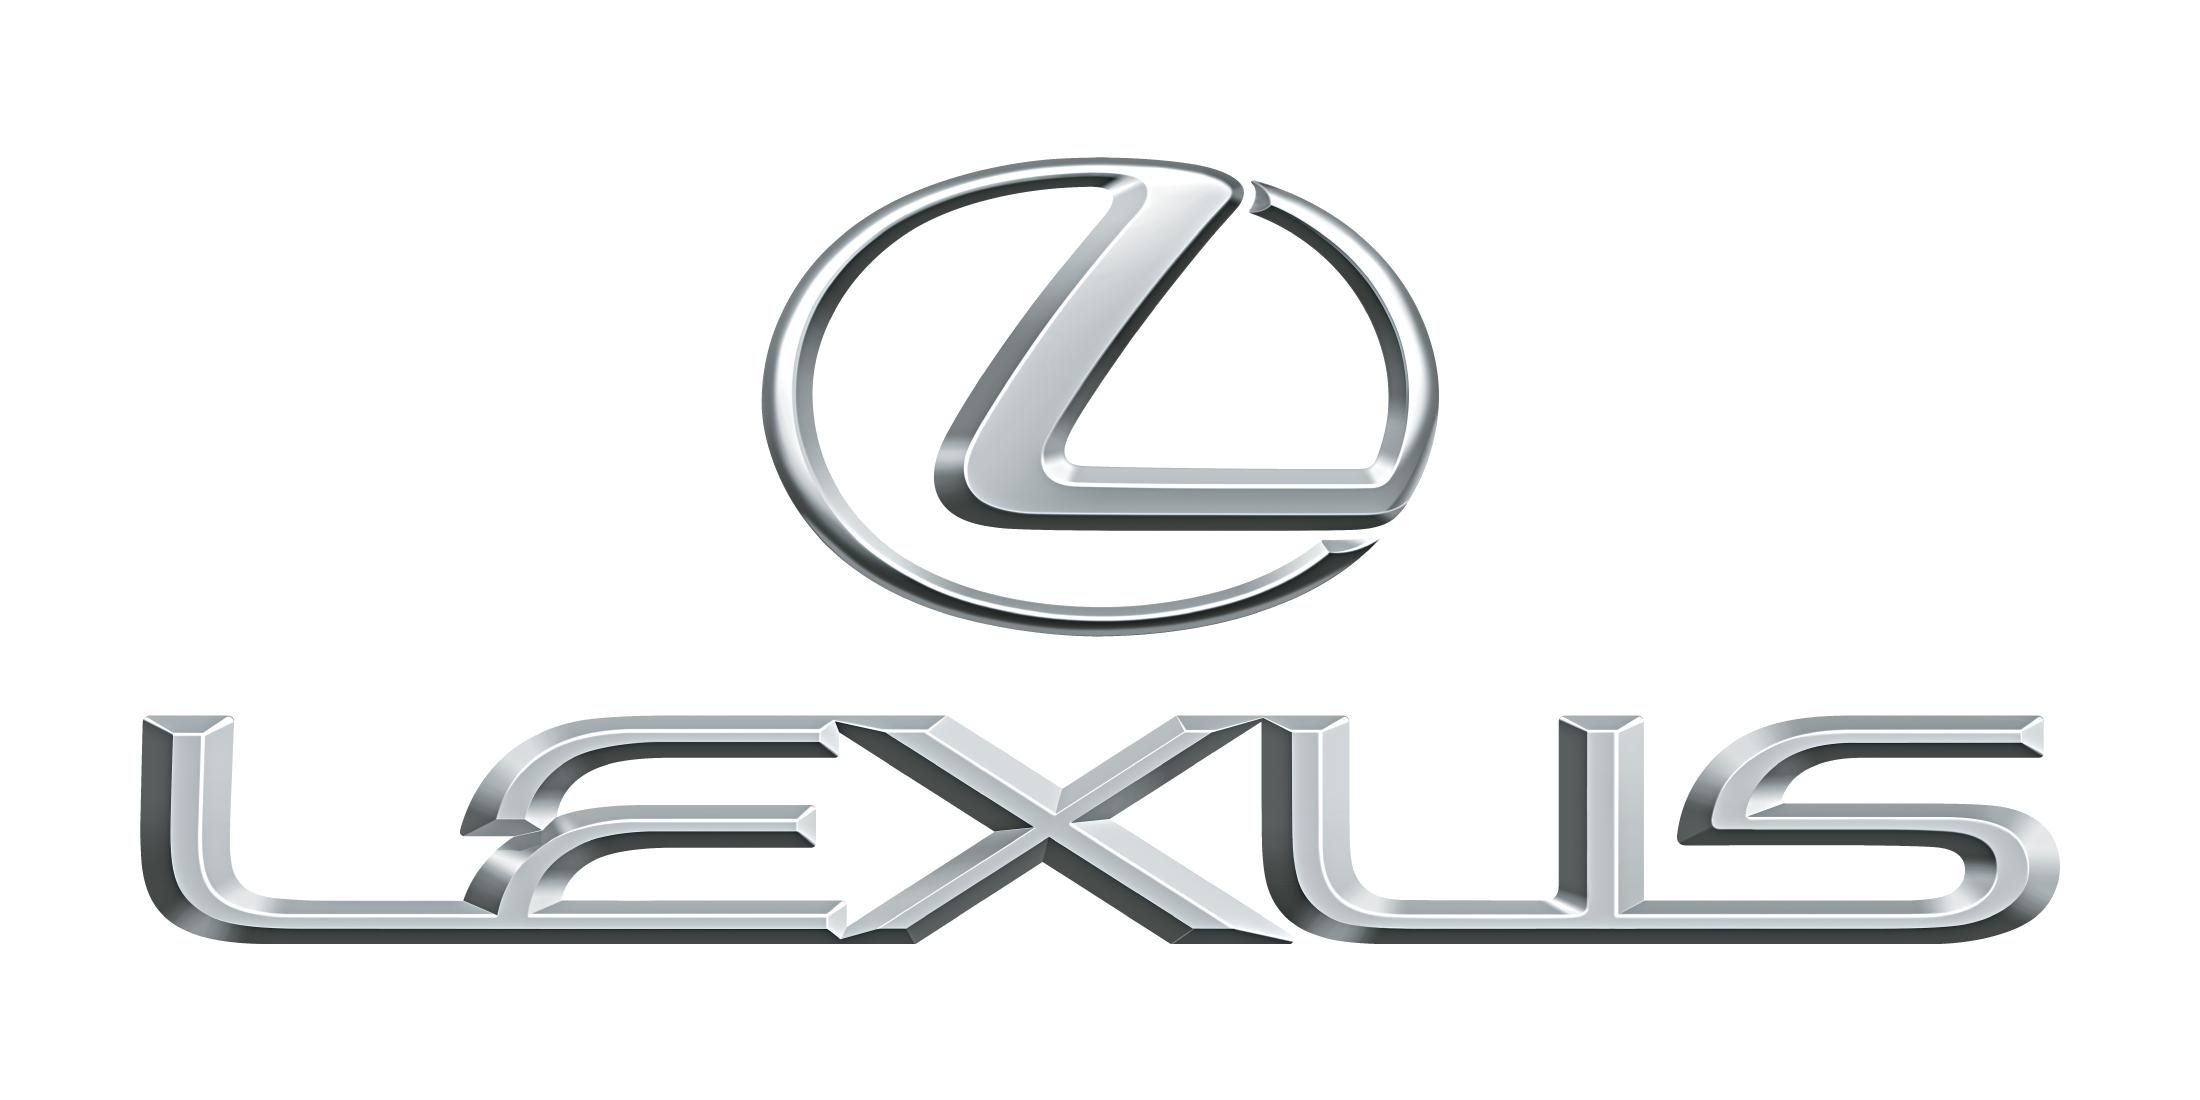 Lexus Car Logo Png Image Lexus Logo Lexus Car Logos